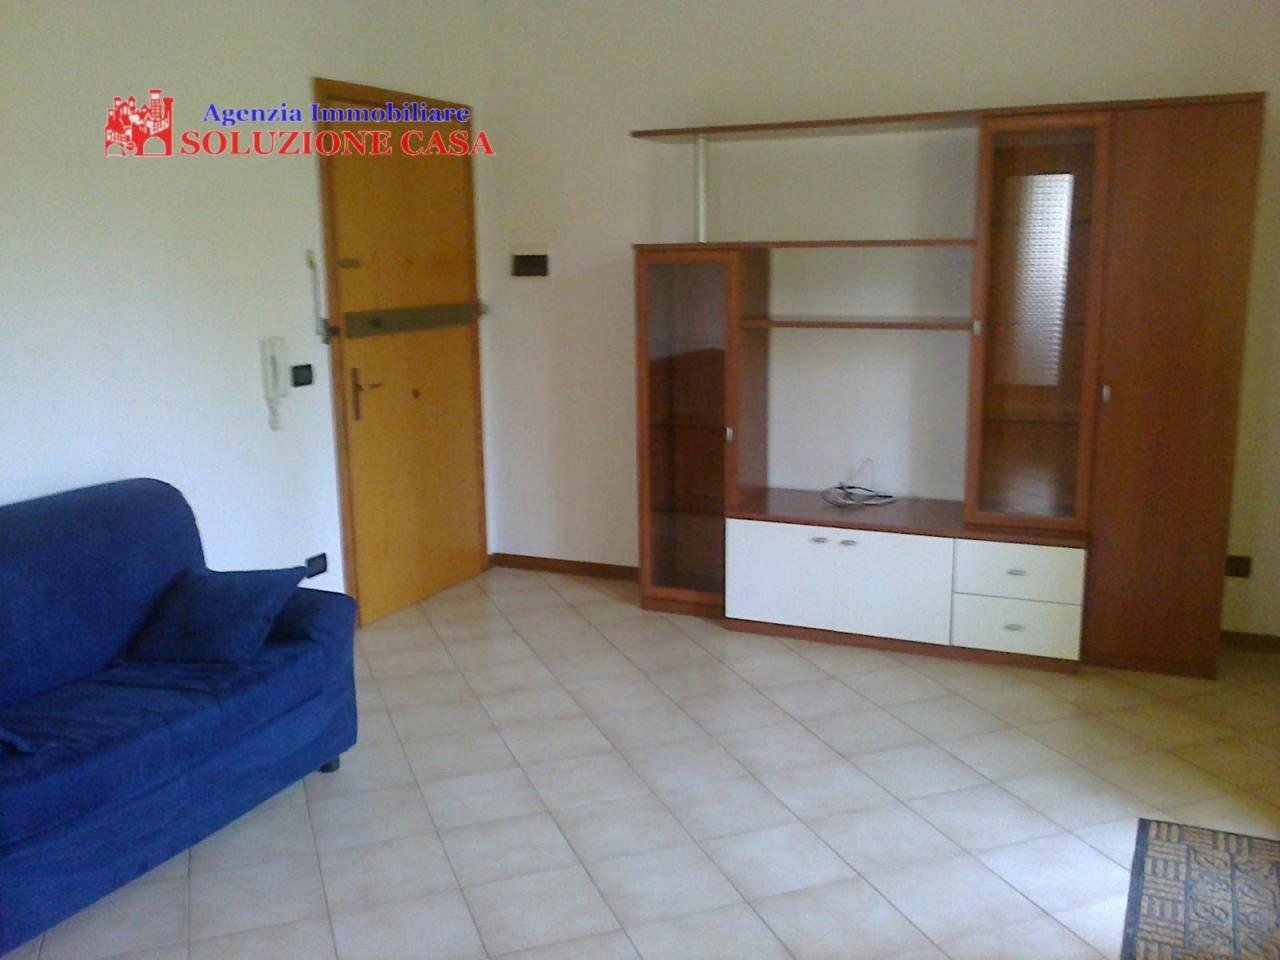 Appartamento in affitto a Sant'Agostino, 3 locali, prezzo € 450 | Cambio Casa.it